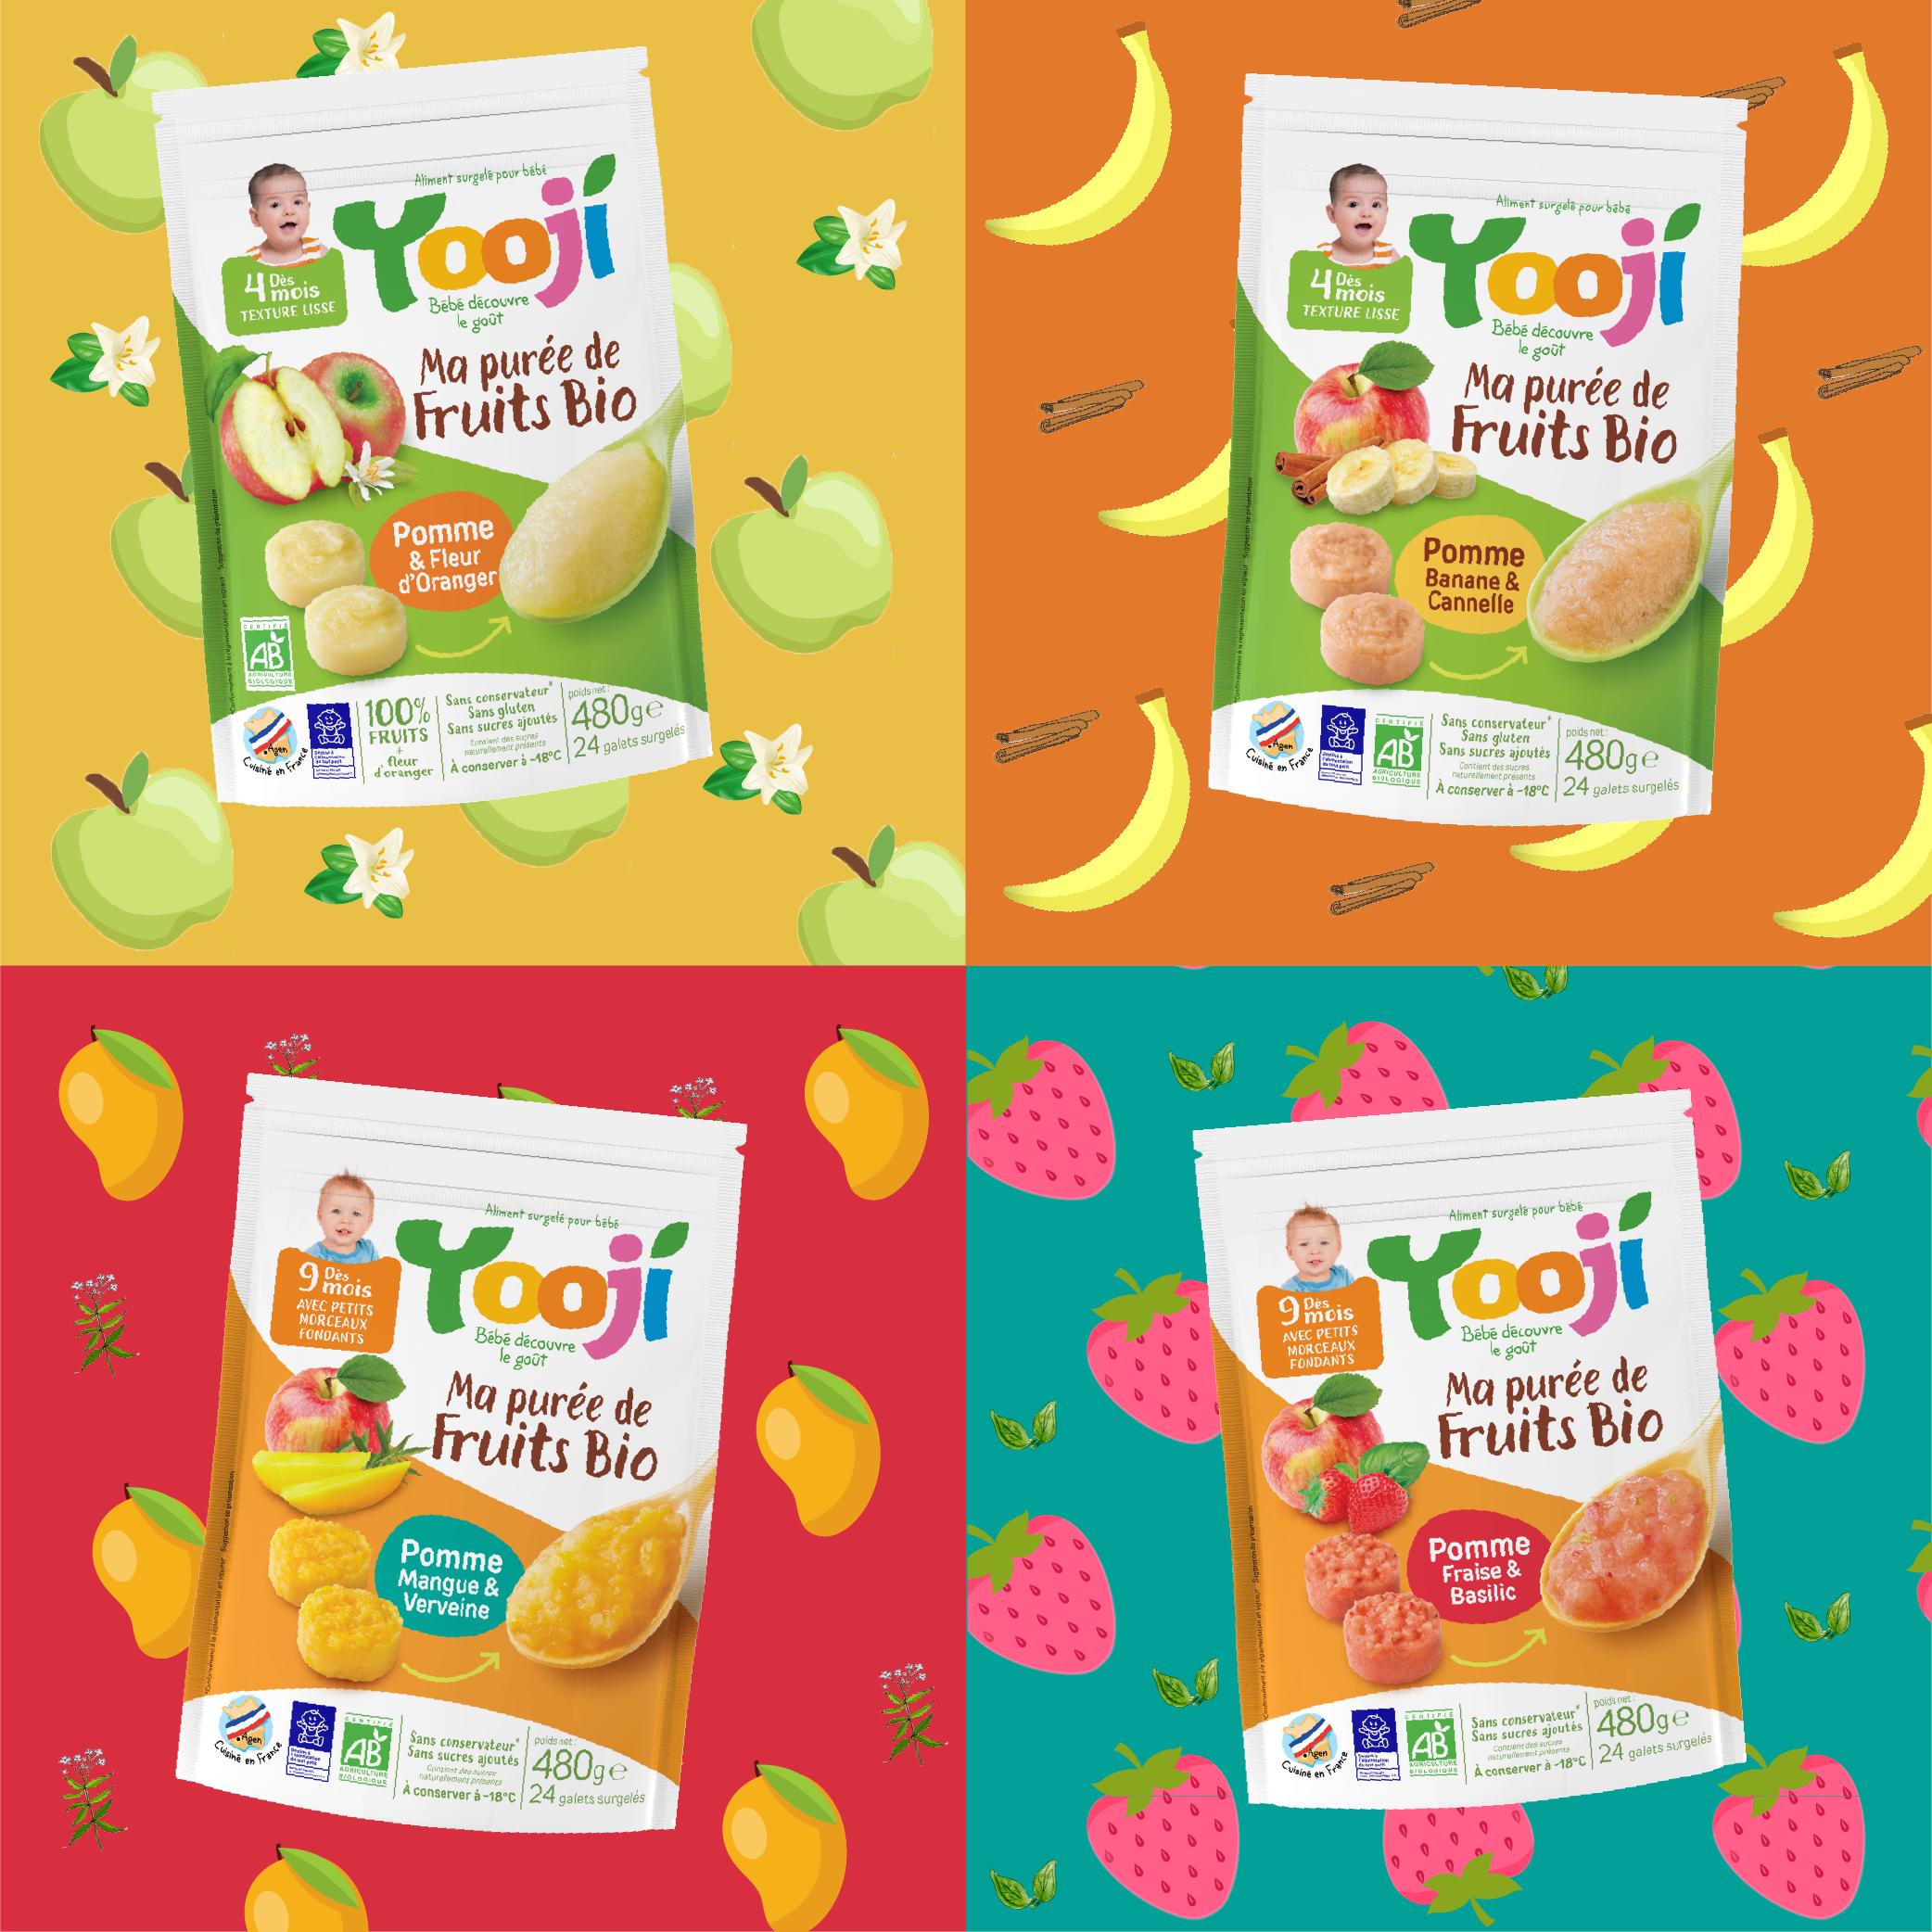 Les purées de fruits Bio de chez Yooji